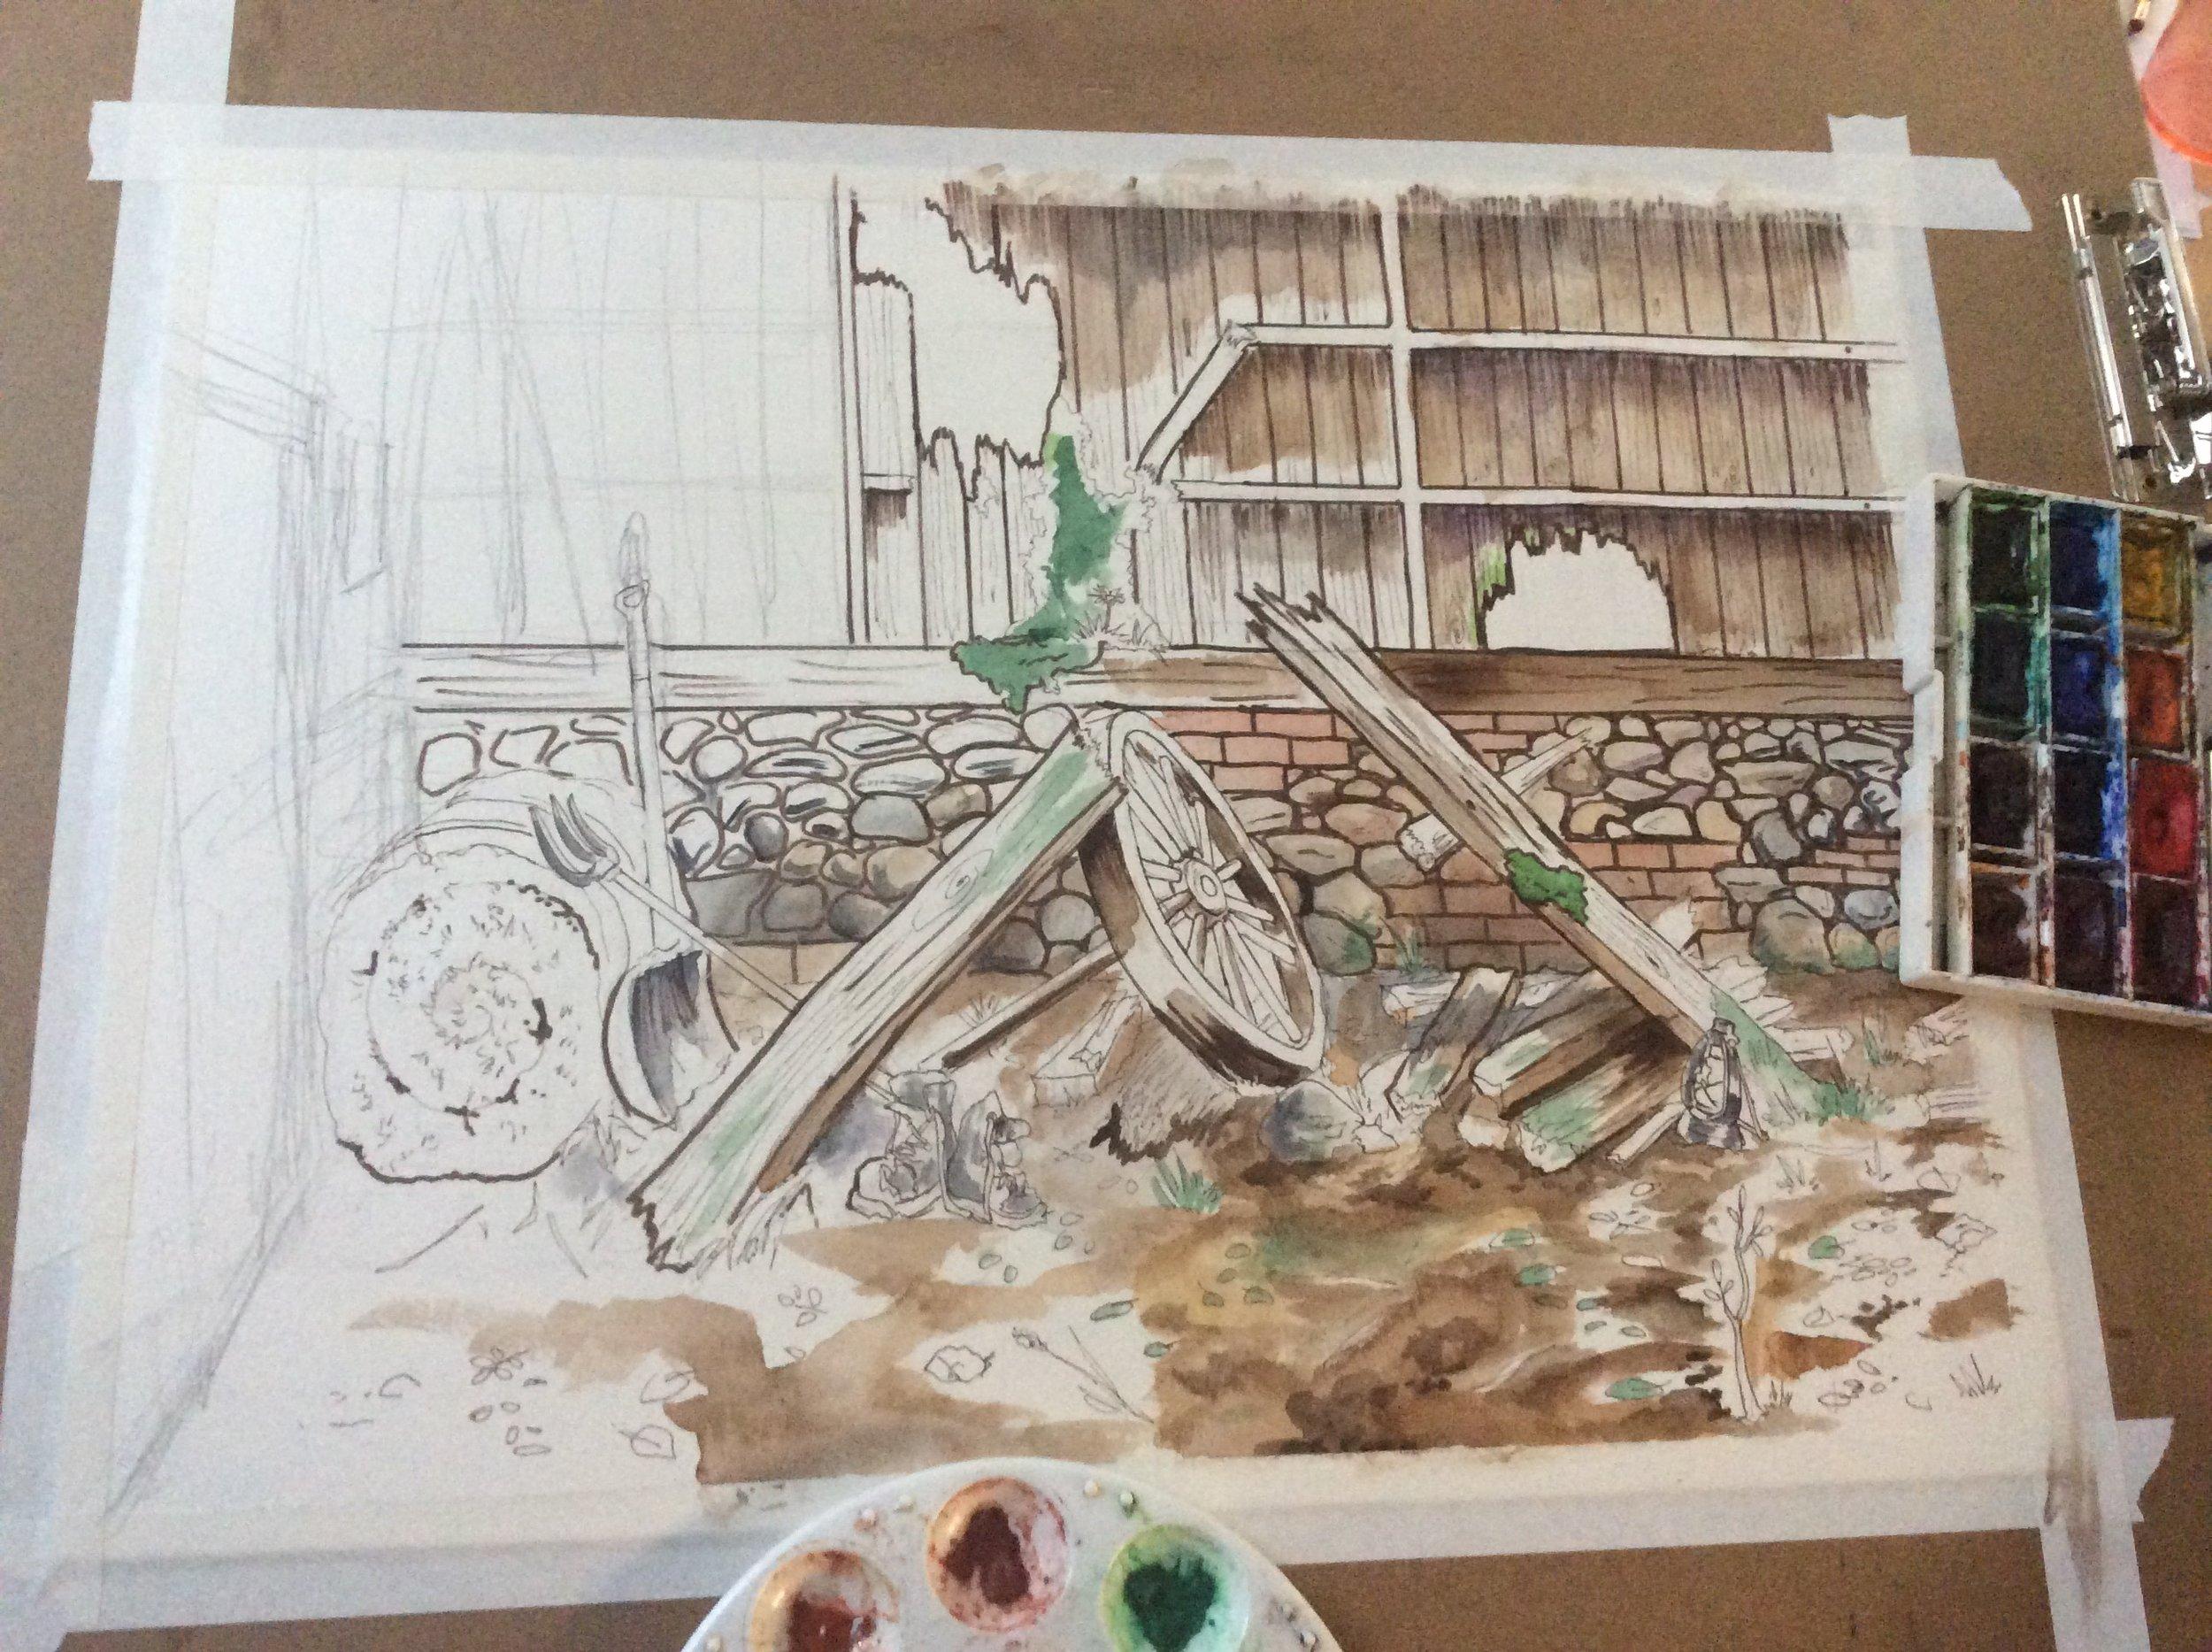 Work in progress-> Rendered still of same scene.